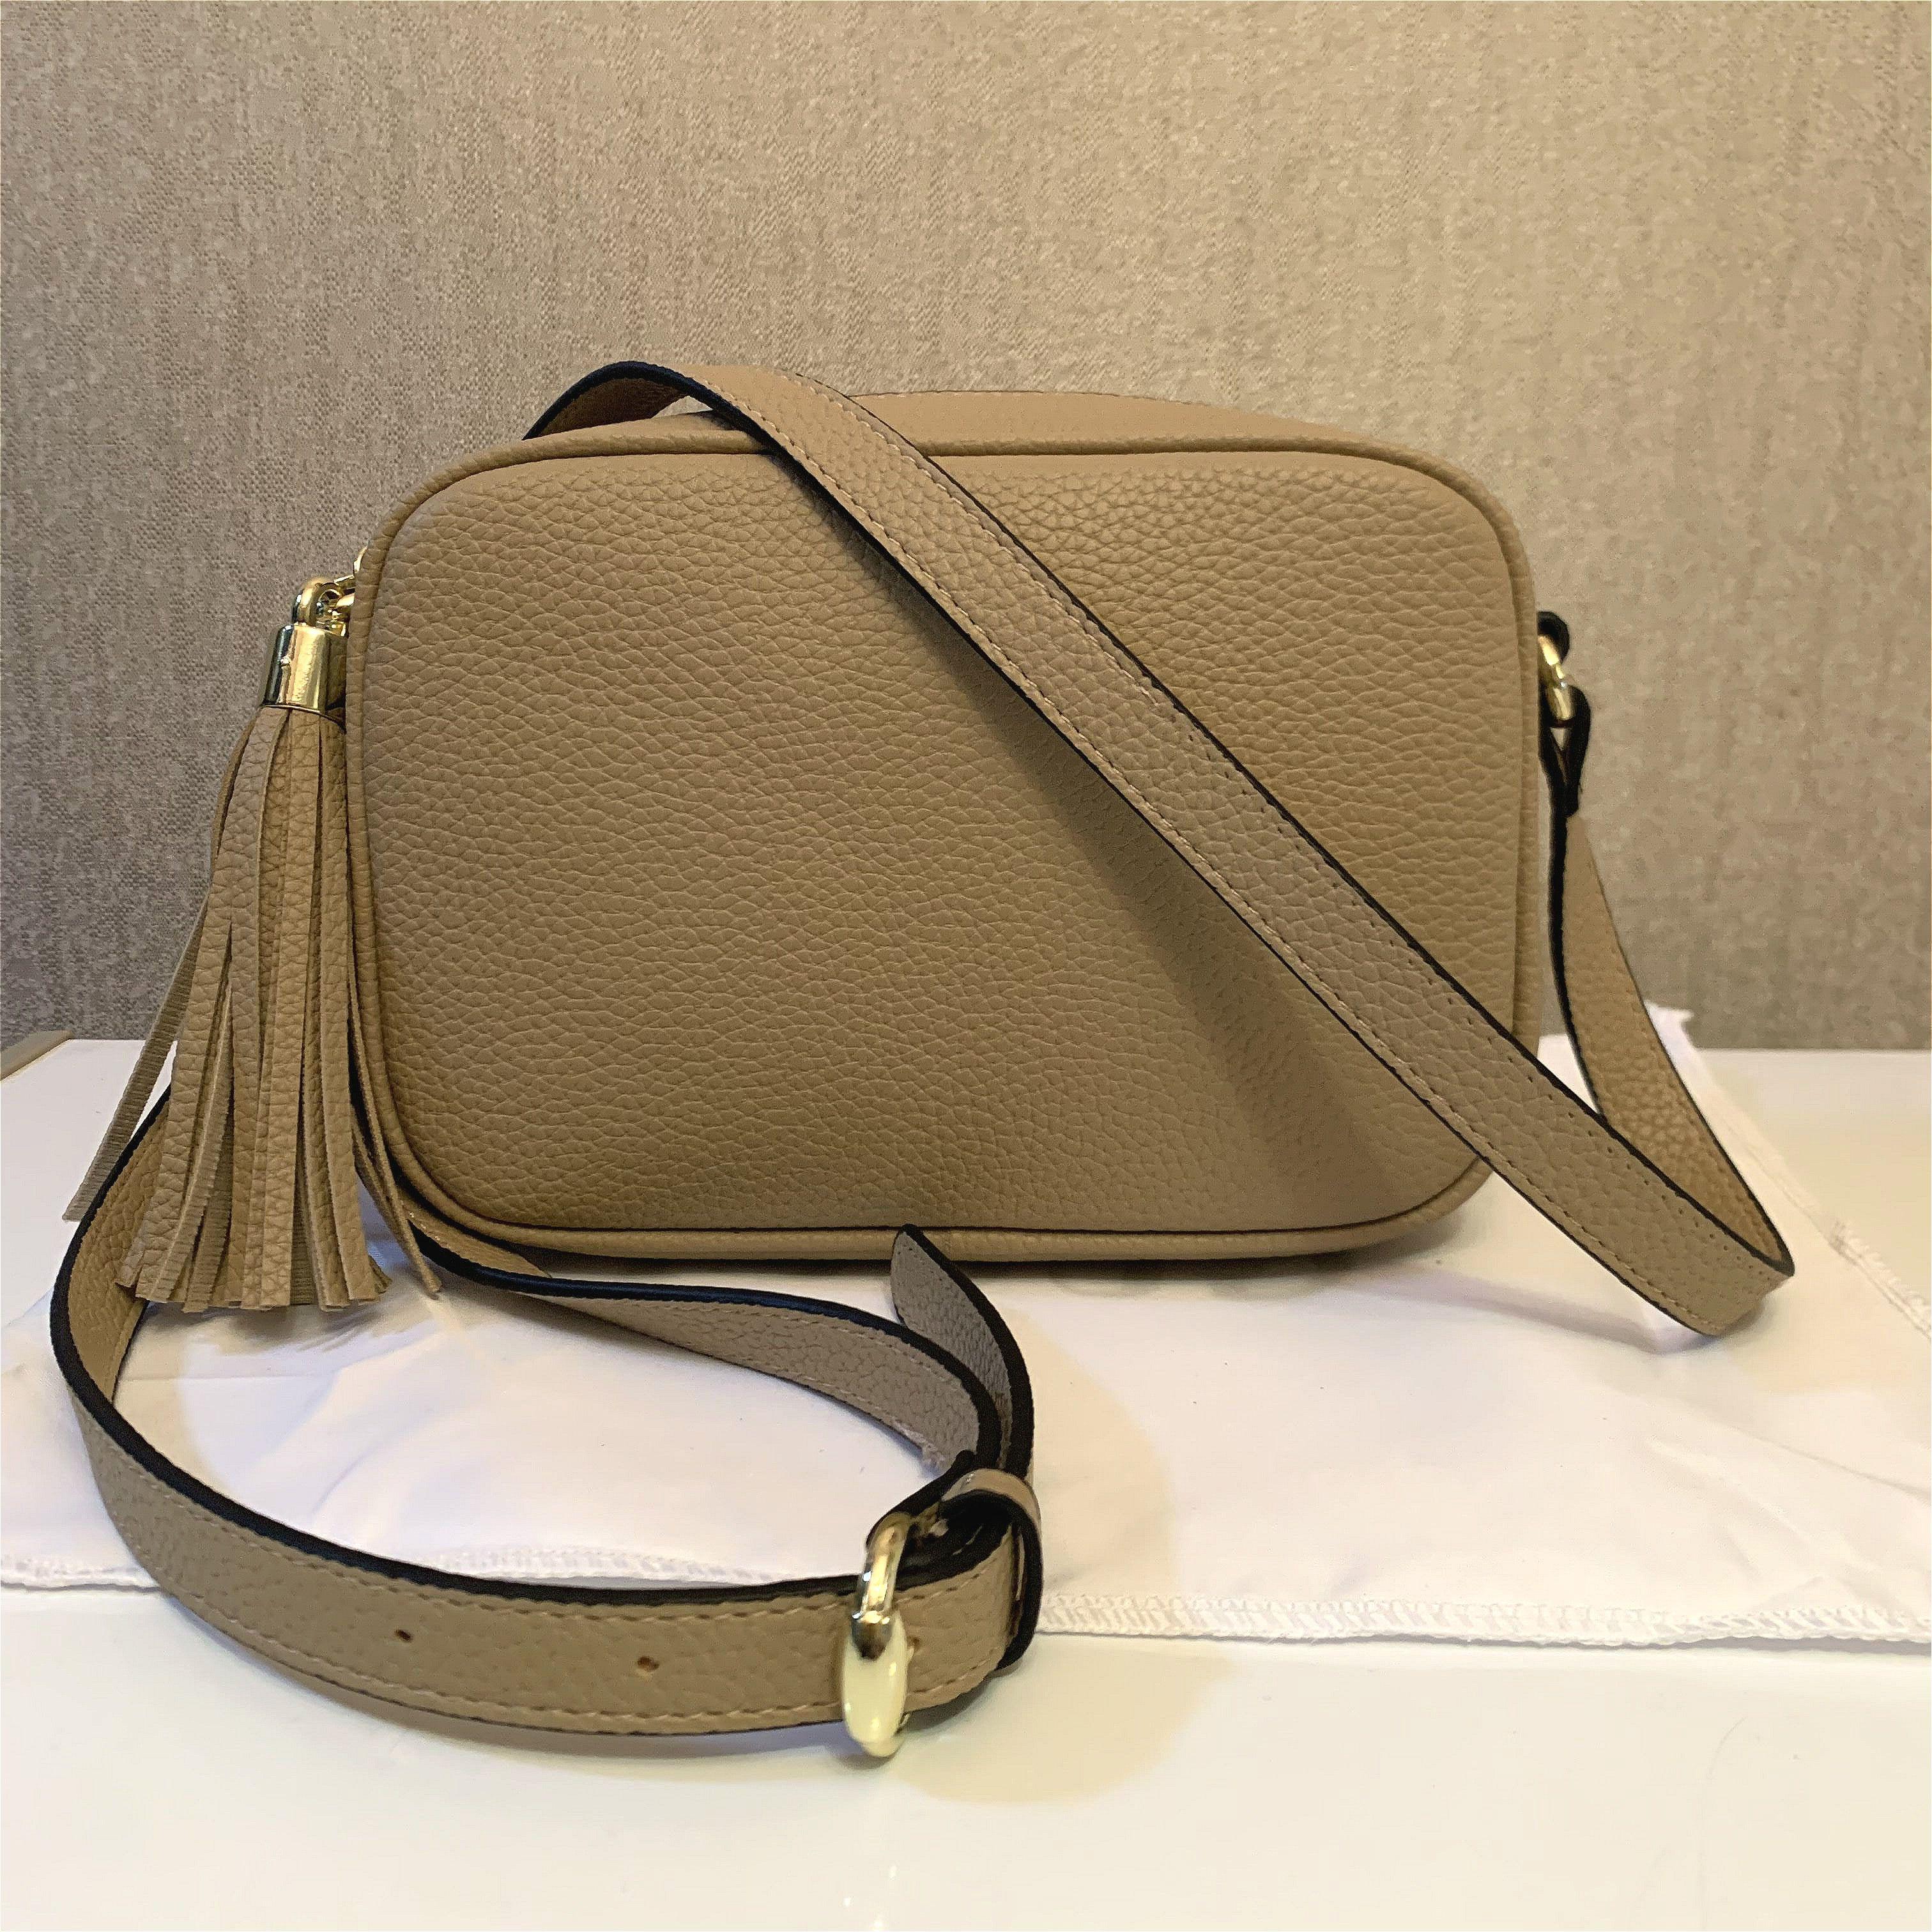 En kaliteli çanta cüzdan çanta kadın çanta çanta crossbody soho çanta disko omuz çantası saçaklı messenger çanta çanta 22 cm